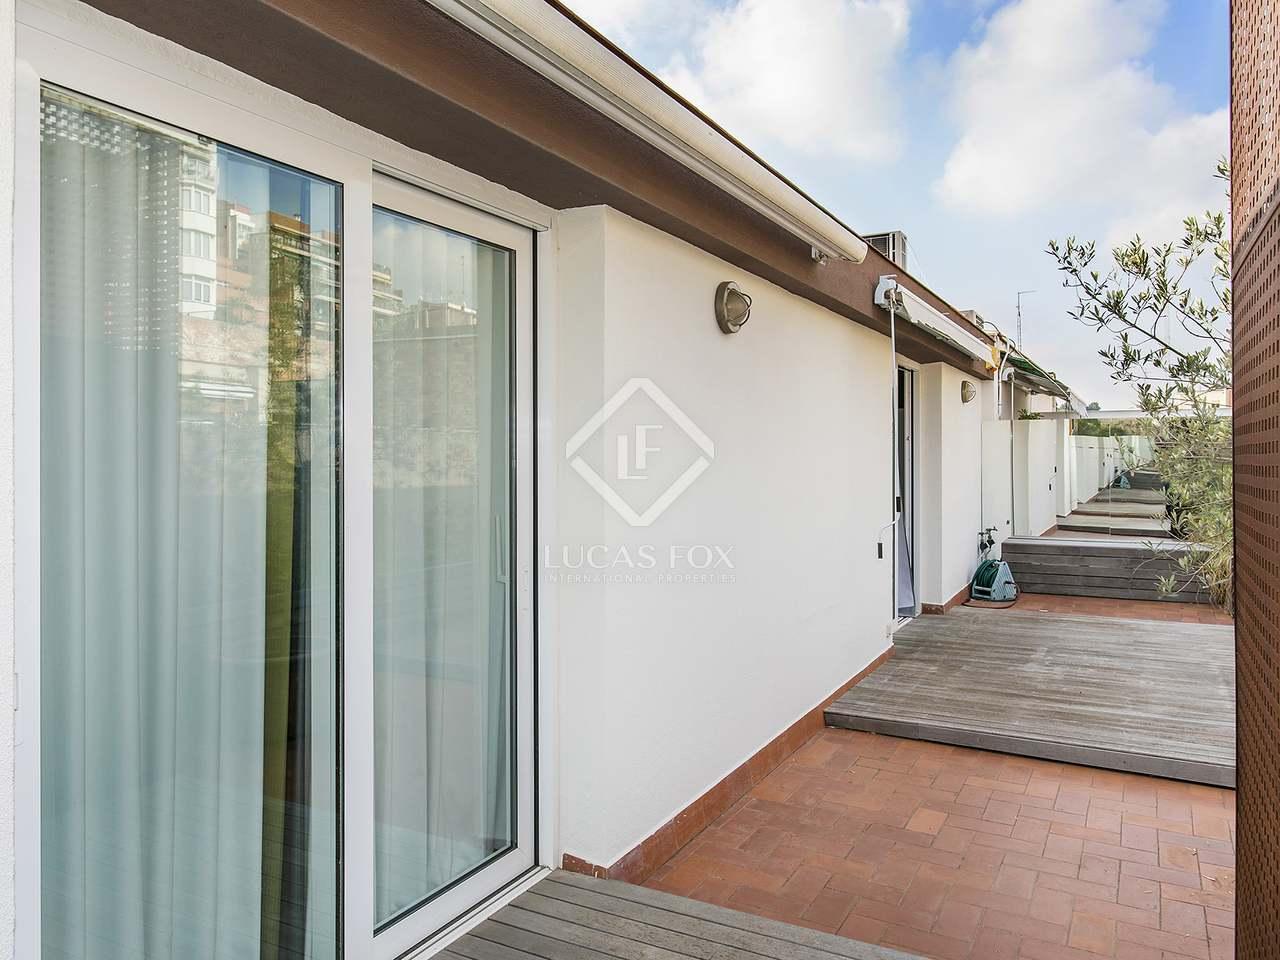 170m dachwohnung mit 150m terrasse zur miete in gr cia. Black Bedroom Furniture Sets. Home Design Ideas